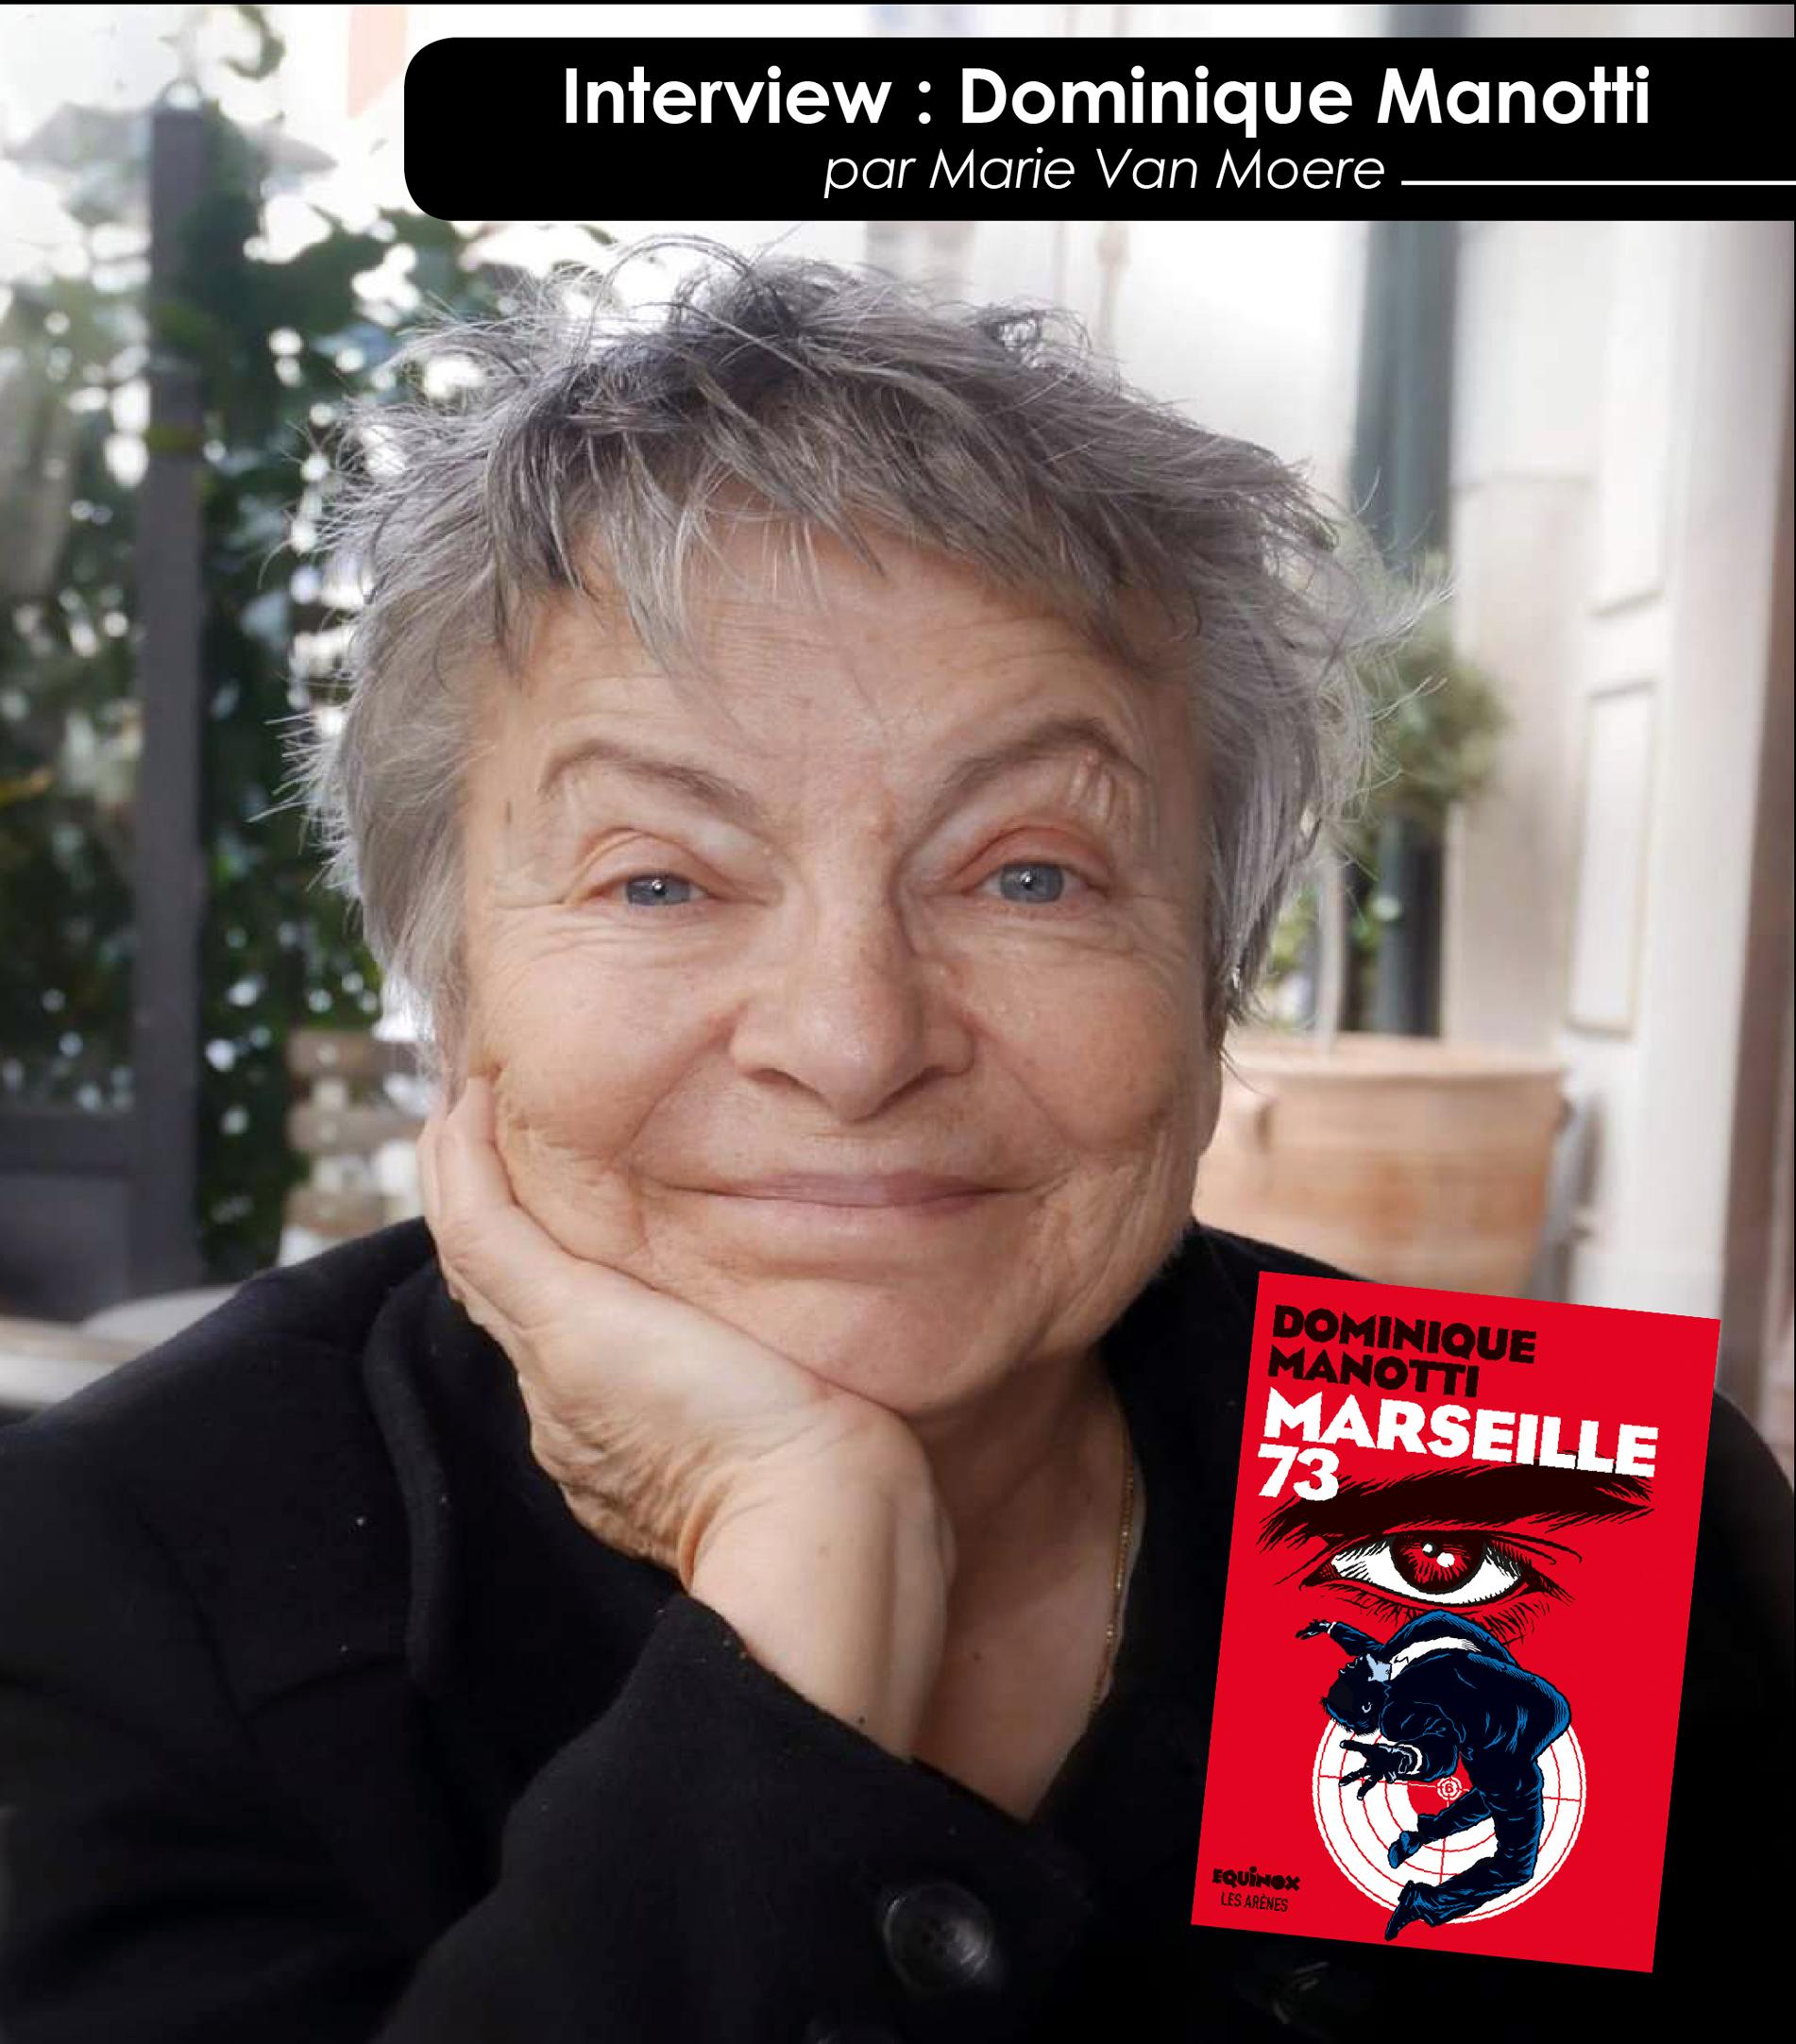 Dominique Manotti et Marseille 73 - Fondu au noir